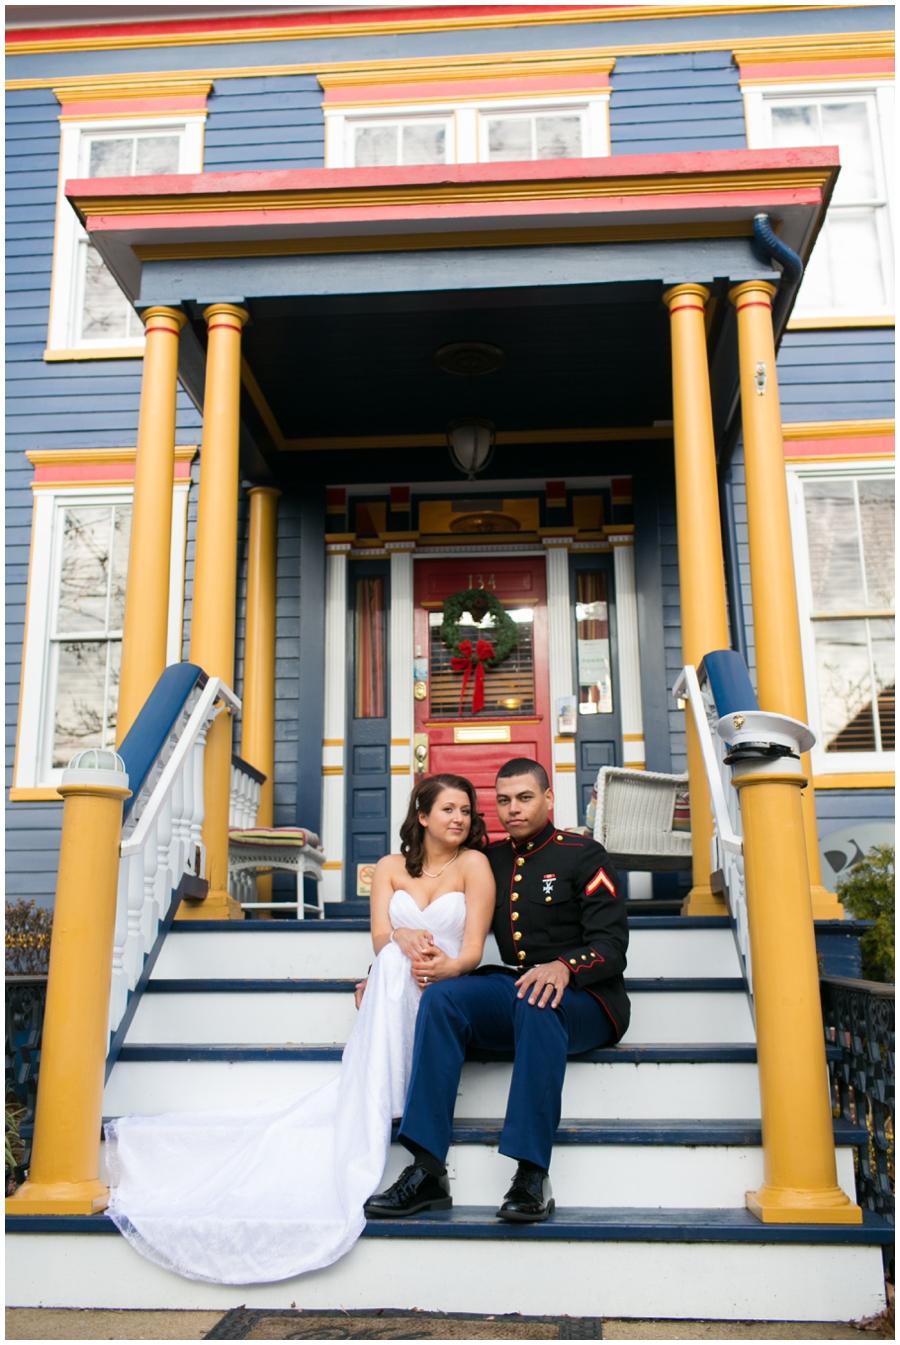 Annapolis Elopement Photographer - USNA Love Portrait